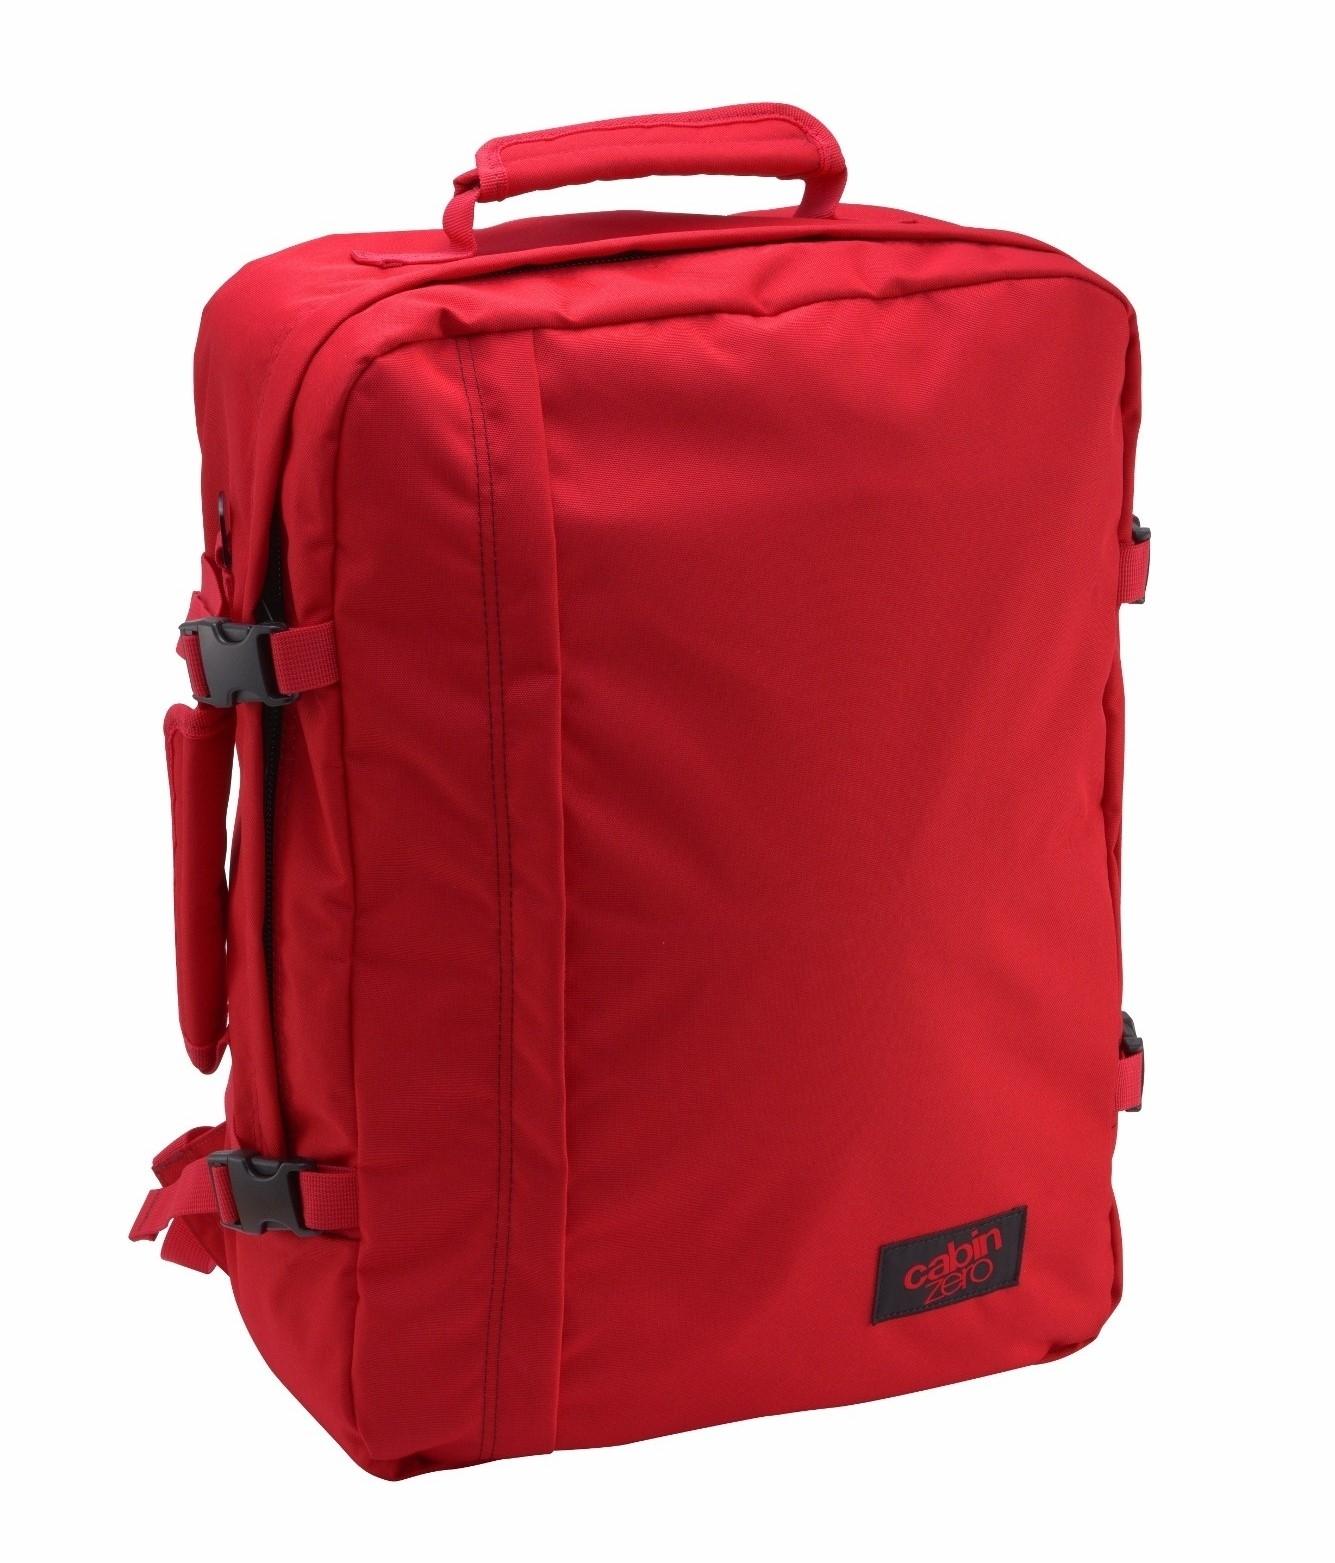 cd4315648c Palubný batoh ako alternatíva kufra - Poradňa